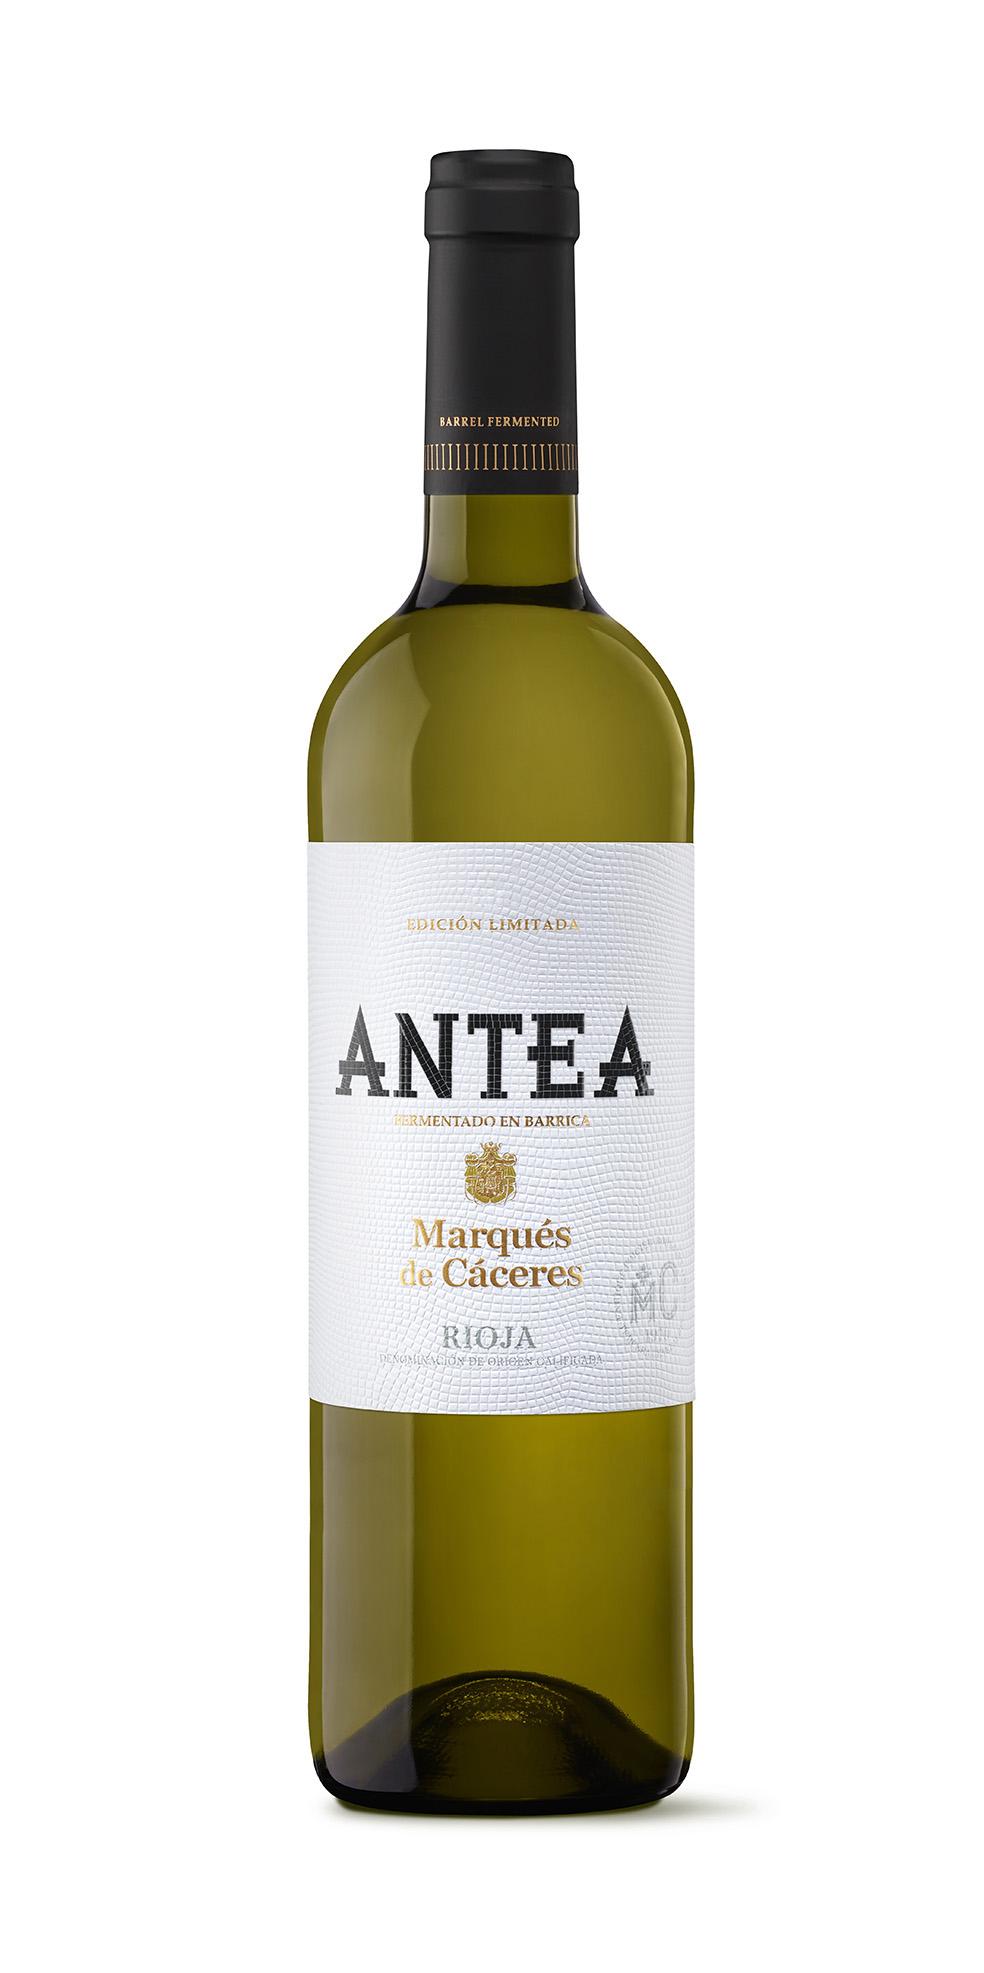 Antea Marqués De Cáceres